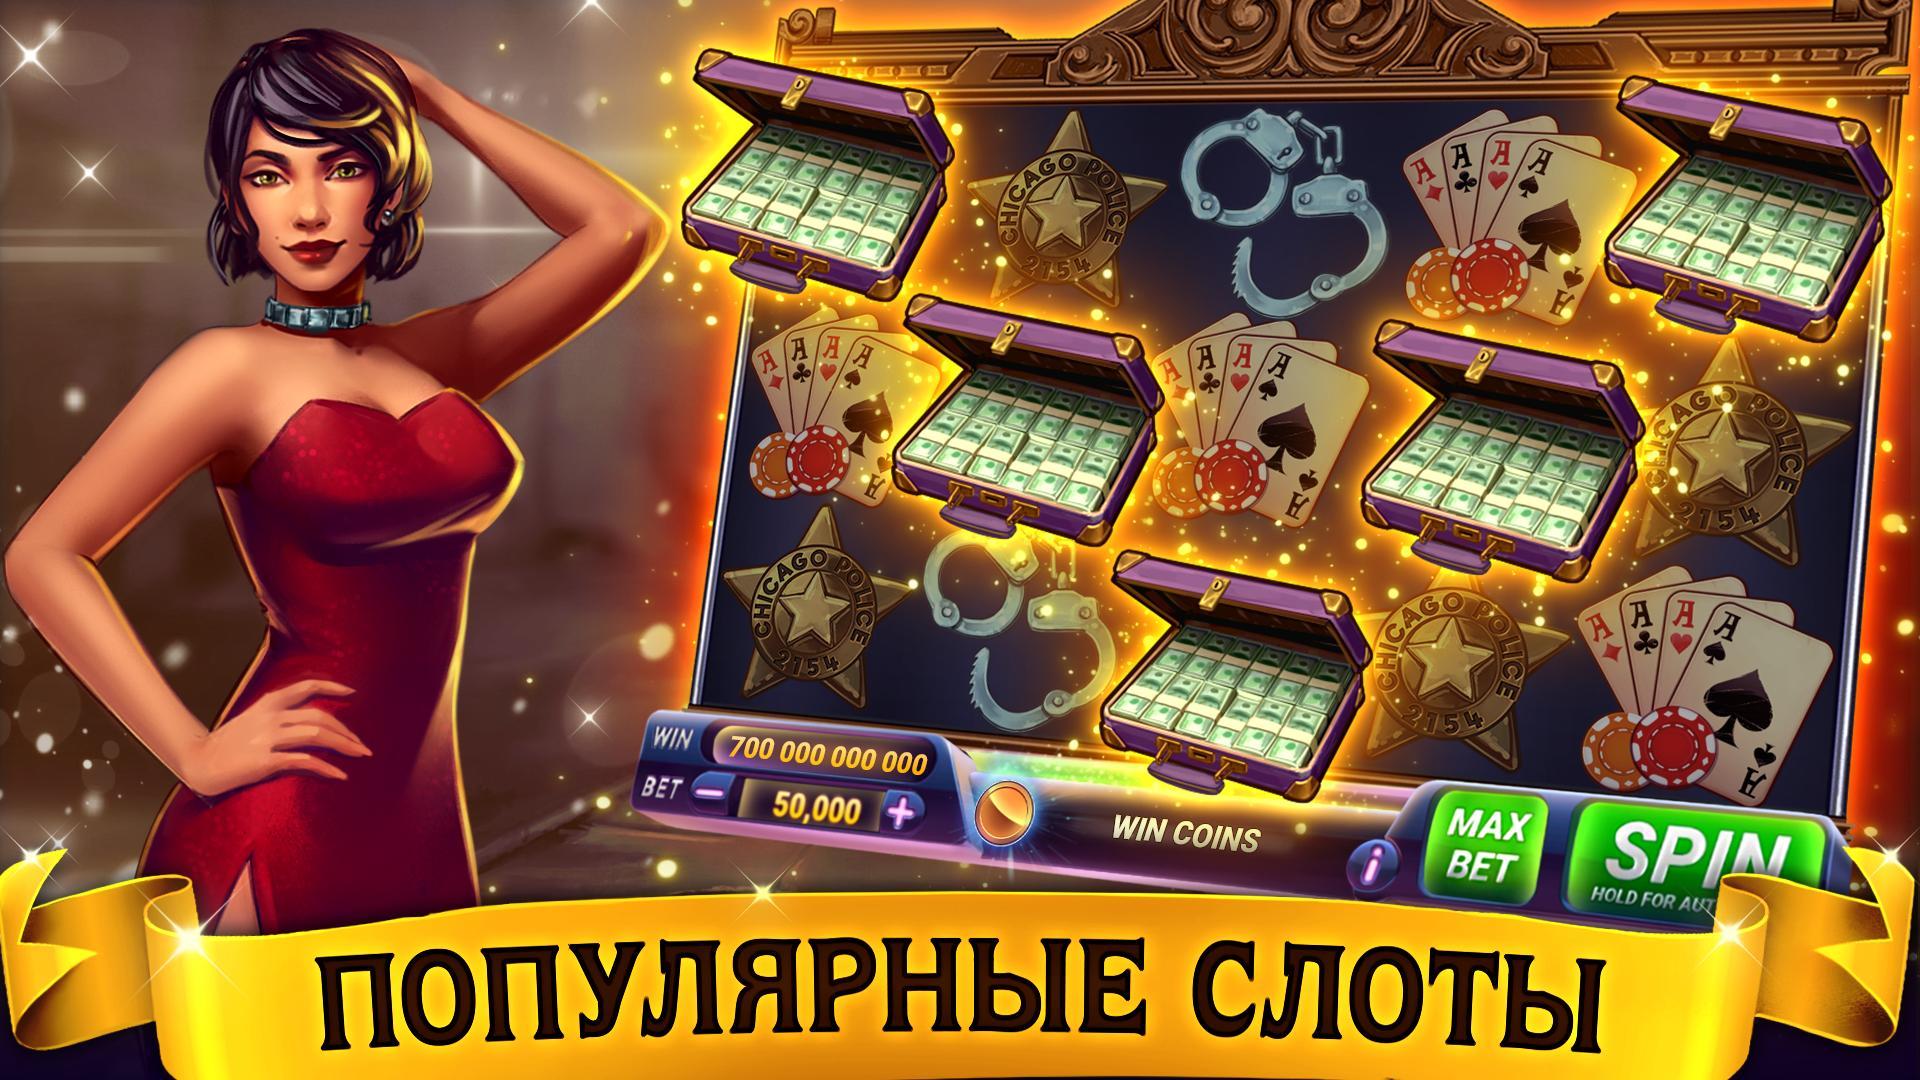 Описание новых игровых автоматов для казино раскусить игровые автоматы